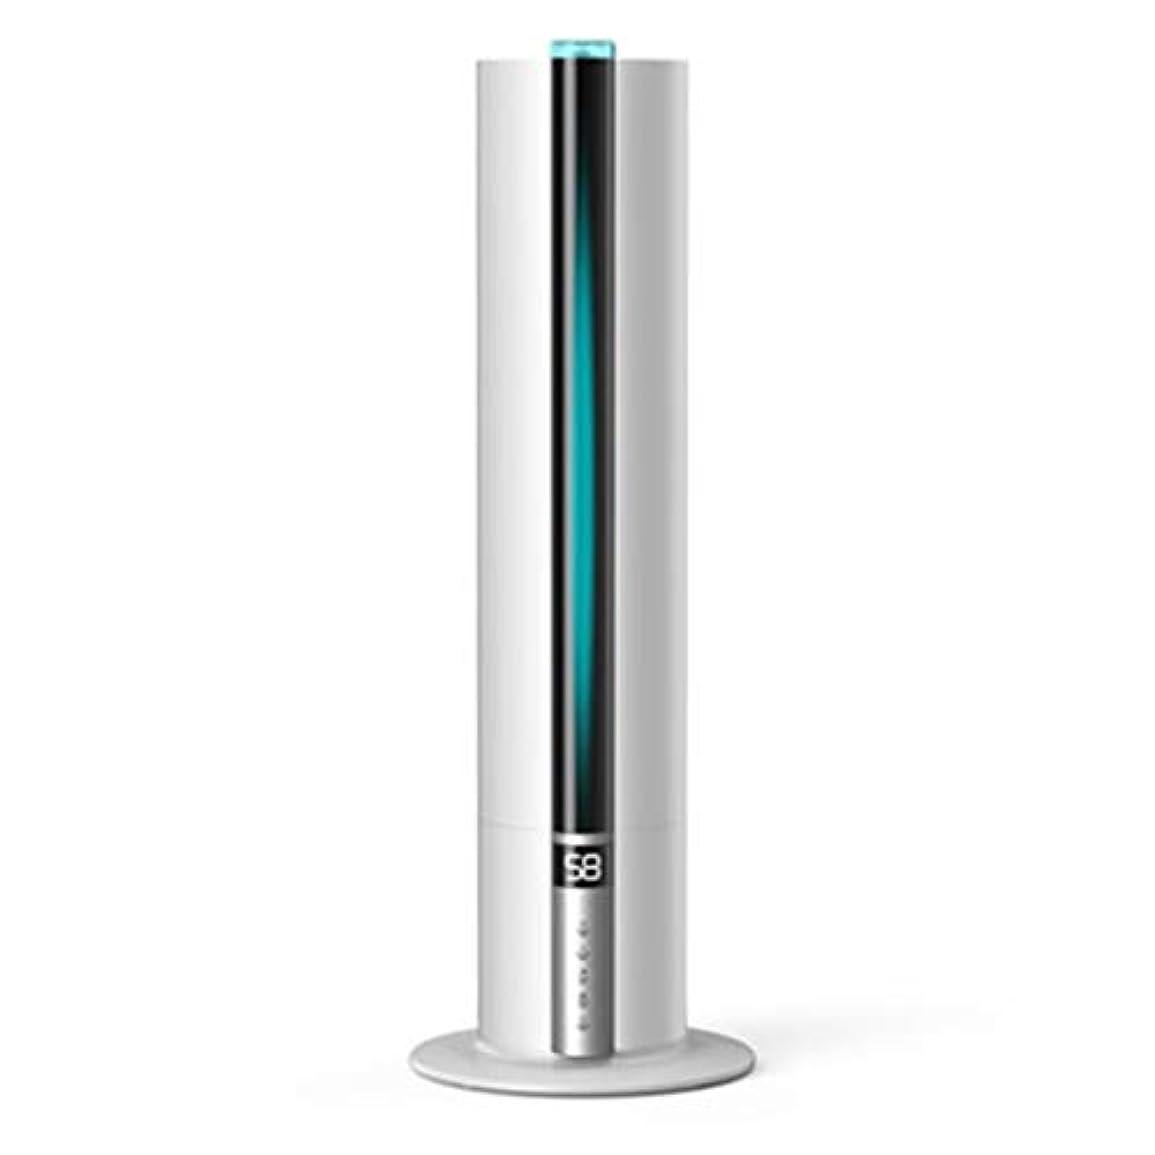 枯れる印象的な人形超音波クールミスト加湿器7.5L超静音インテリジェント純恒湿、ウォーターレスオートオフ超静音(色:黒) (Color : White)